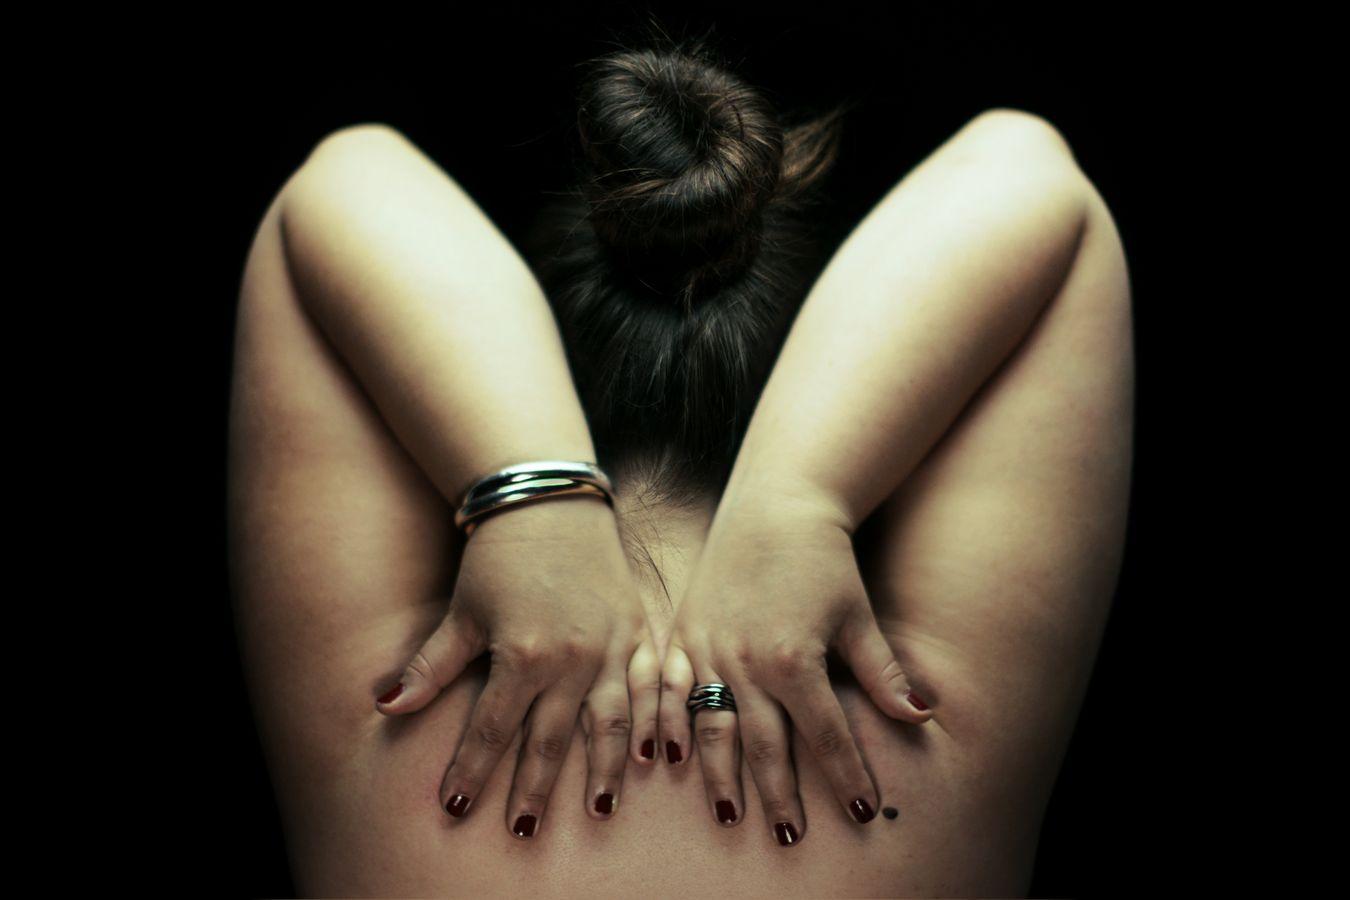 Annabelle, les bras en l'air, ramène ses mains dans son dos de part et d'autre de son chignon. Ses ongles rouges et ses bijoux contrastent avec sa peau pâle.